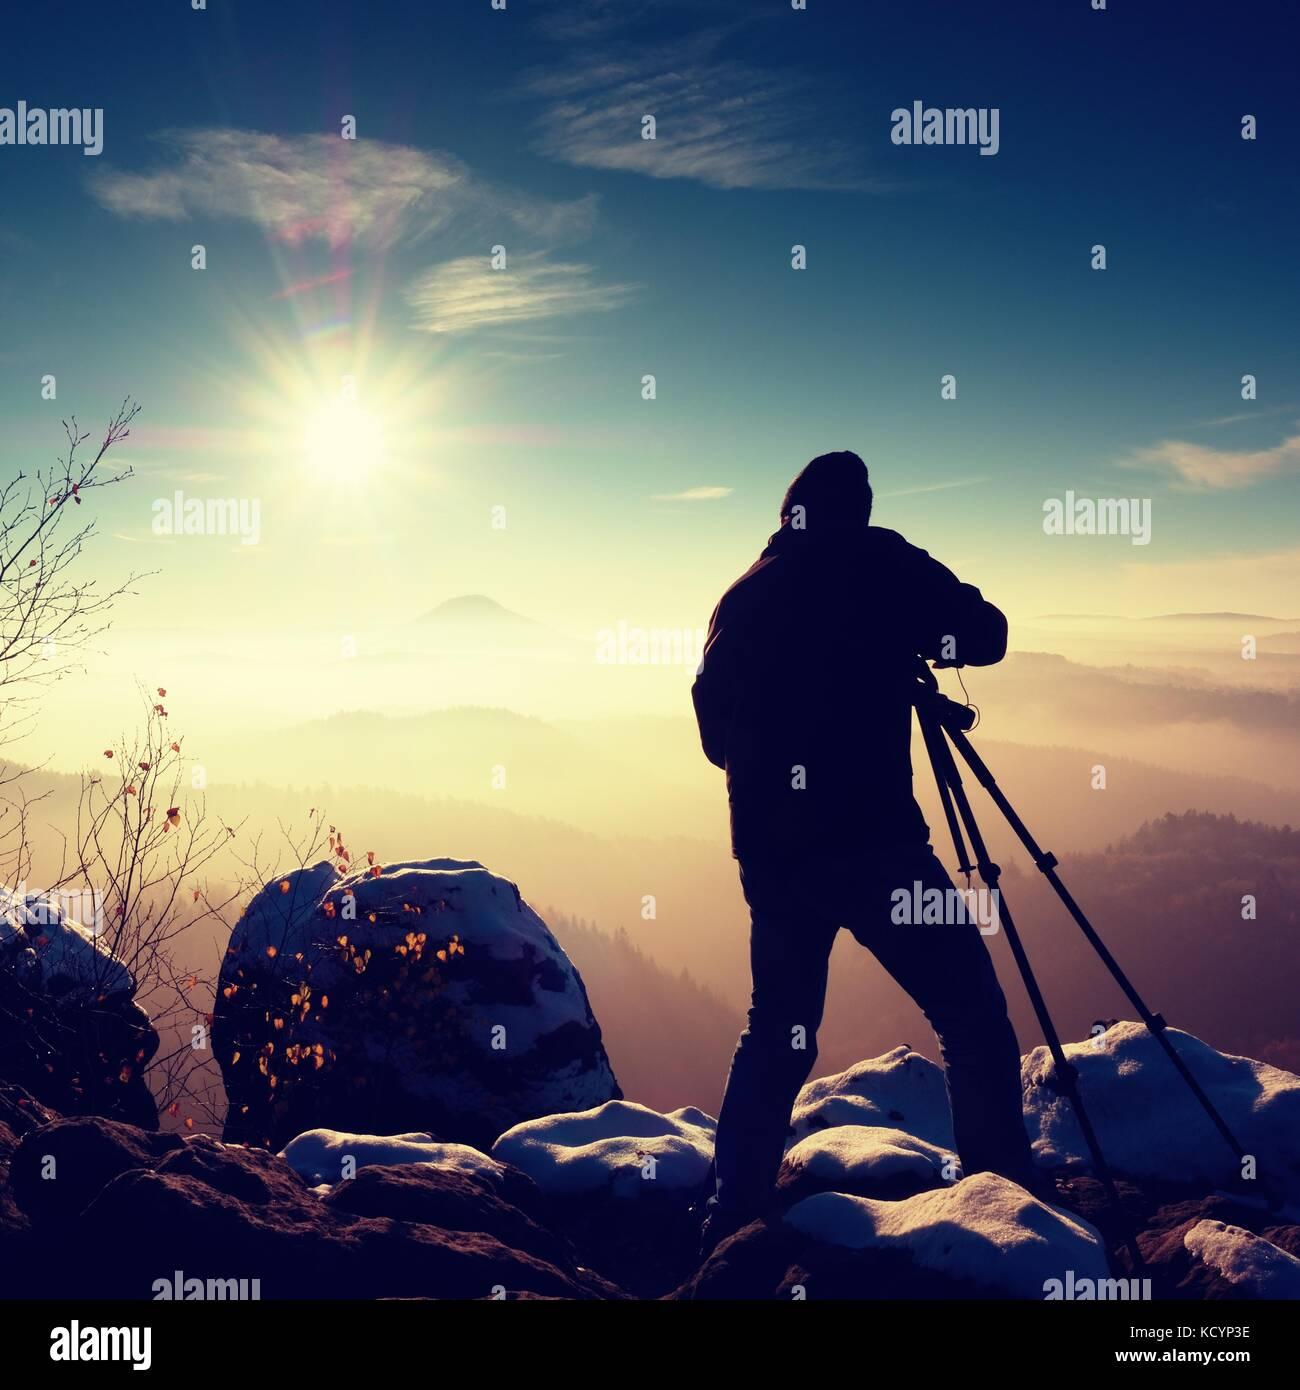 Photographe professionnel prend photo de l'automne gel daybreak, rochers couverts de poudreuse fraîche. Photo Stock